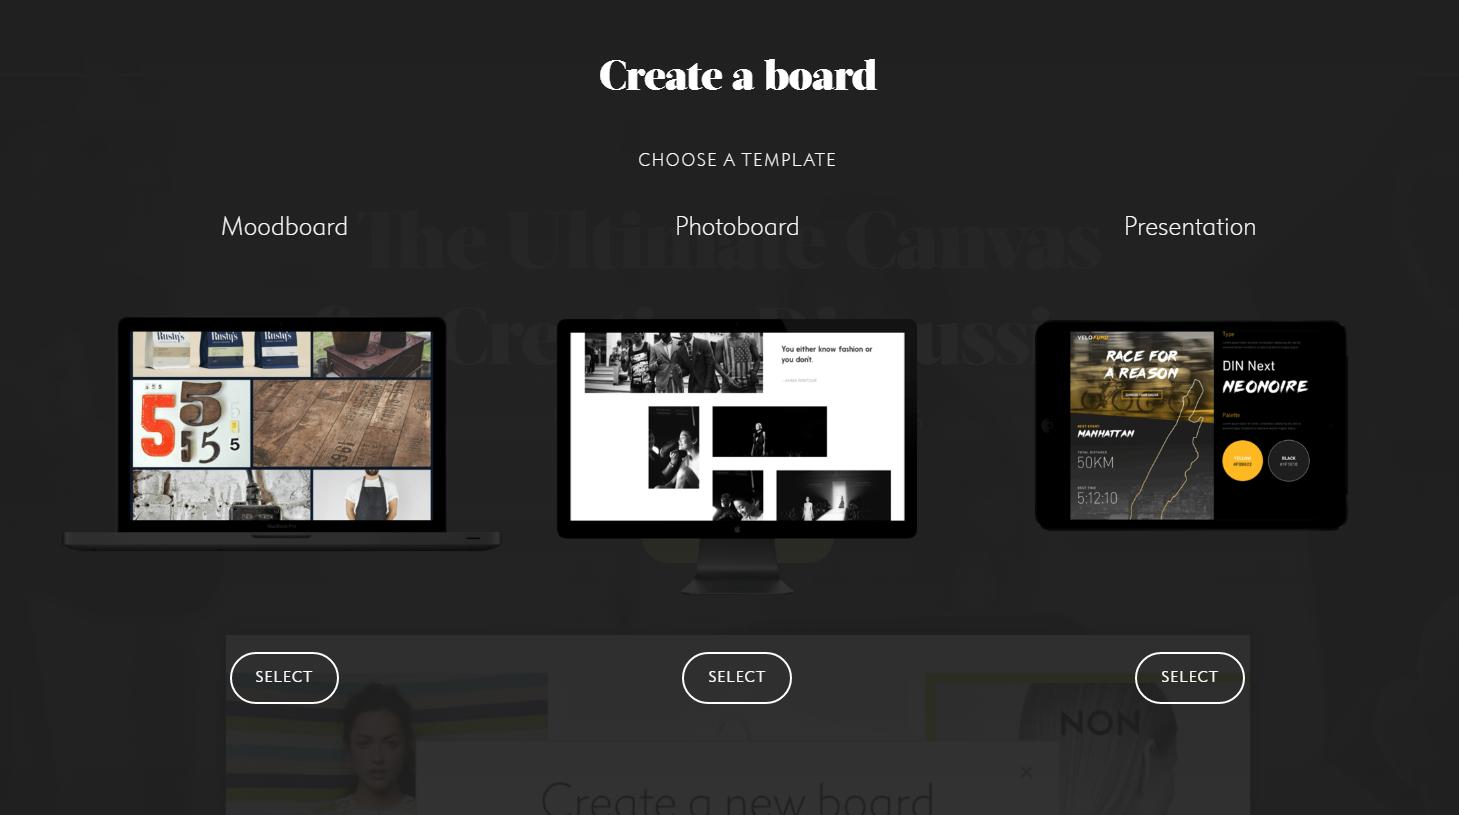 Niice 一塊視覺溝通看板,收集與啟發圖像設計靈感